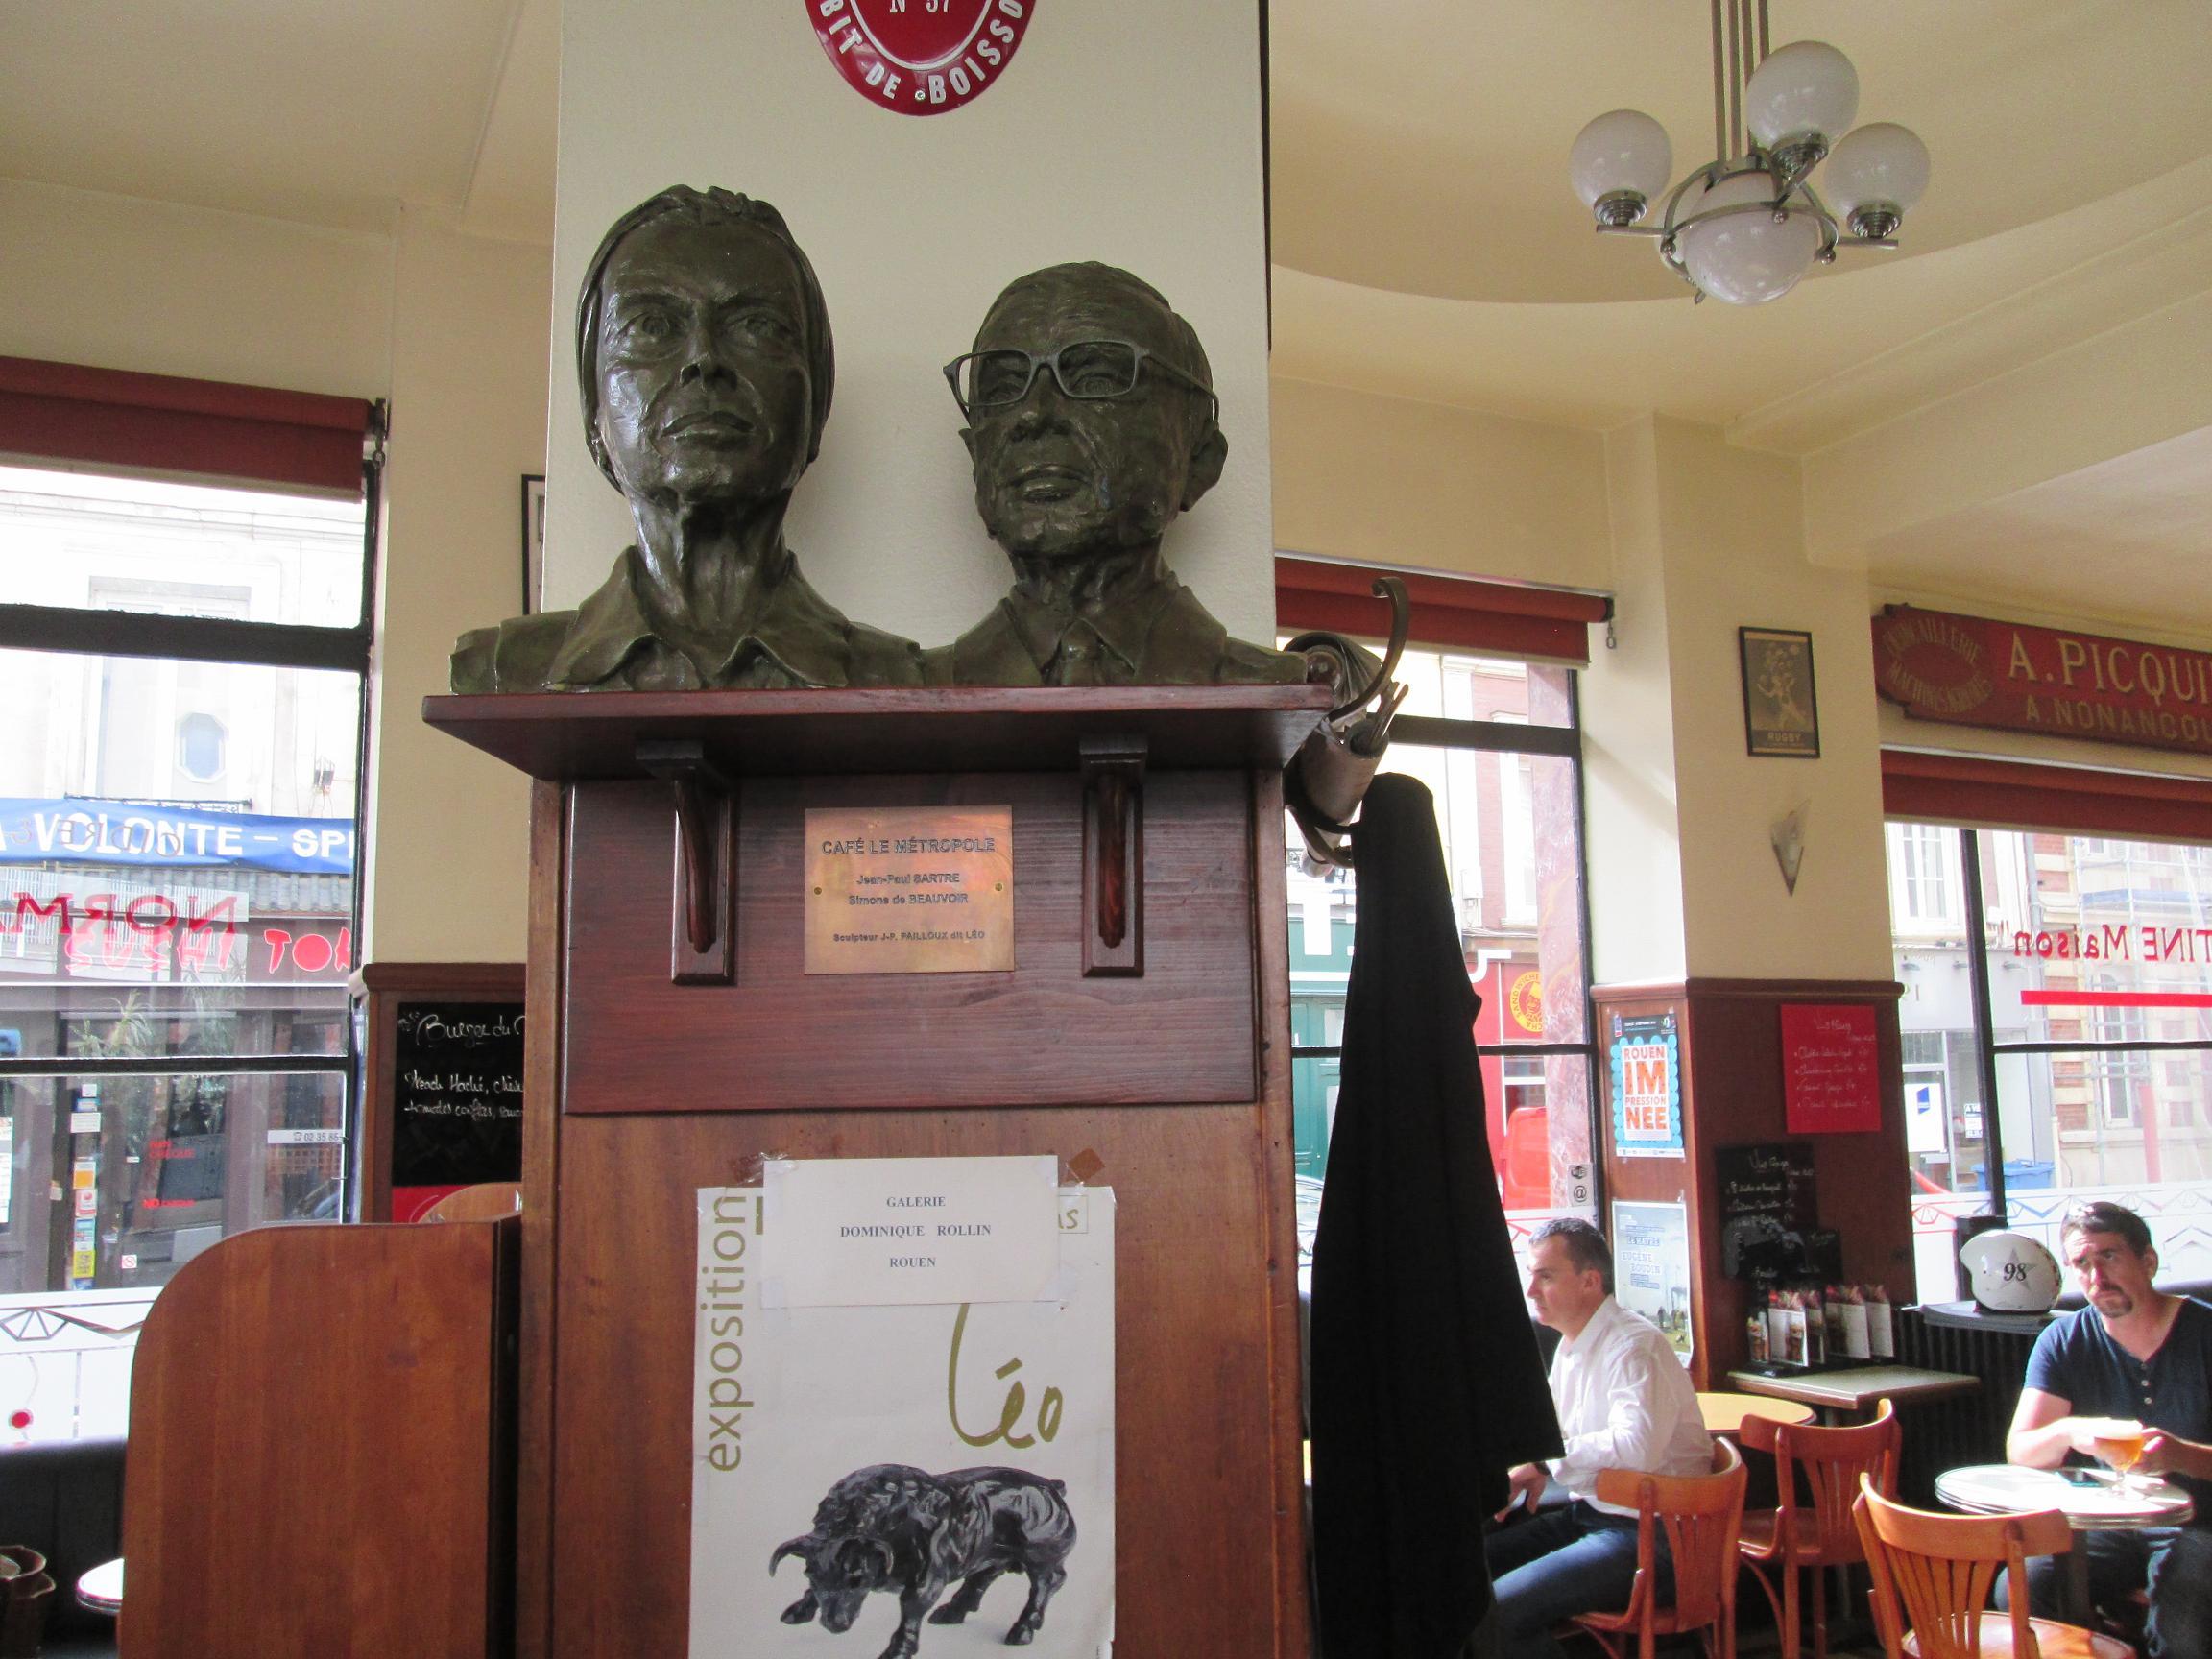 Le café Métropole devant la gare de Rouen. Simone de Beauvoir et Jean-Paul Sartre s'y retrouvaient. Photo MS.